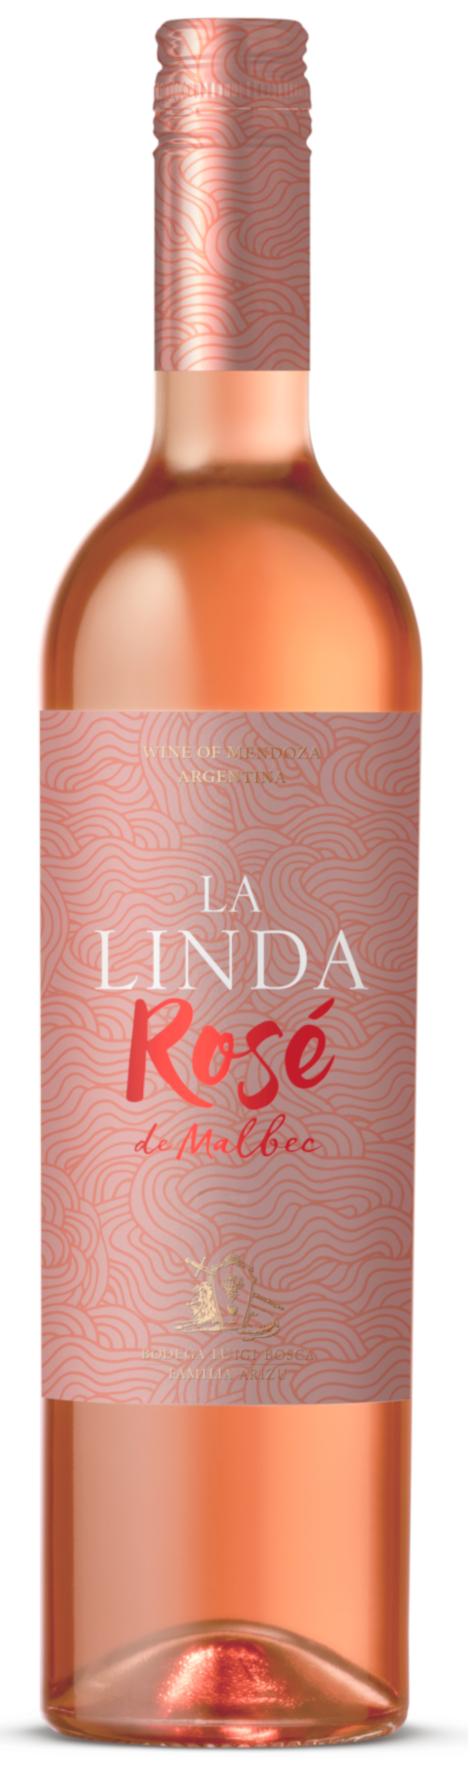 La Linda Rose de Malbec Luigi Bosca